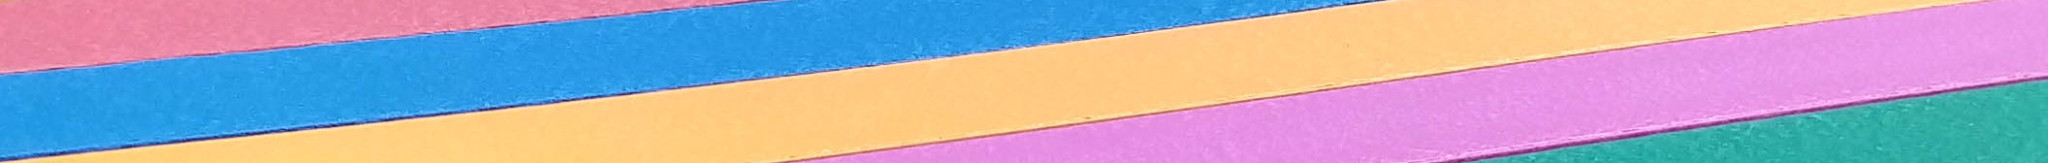 coloured plastic close up